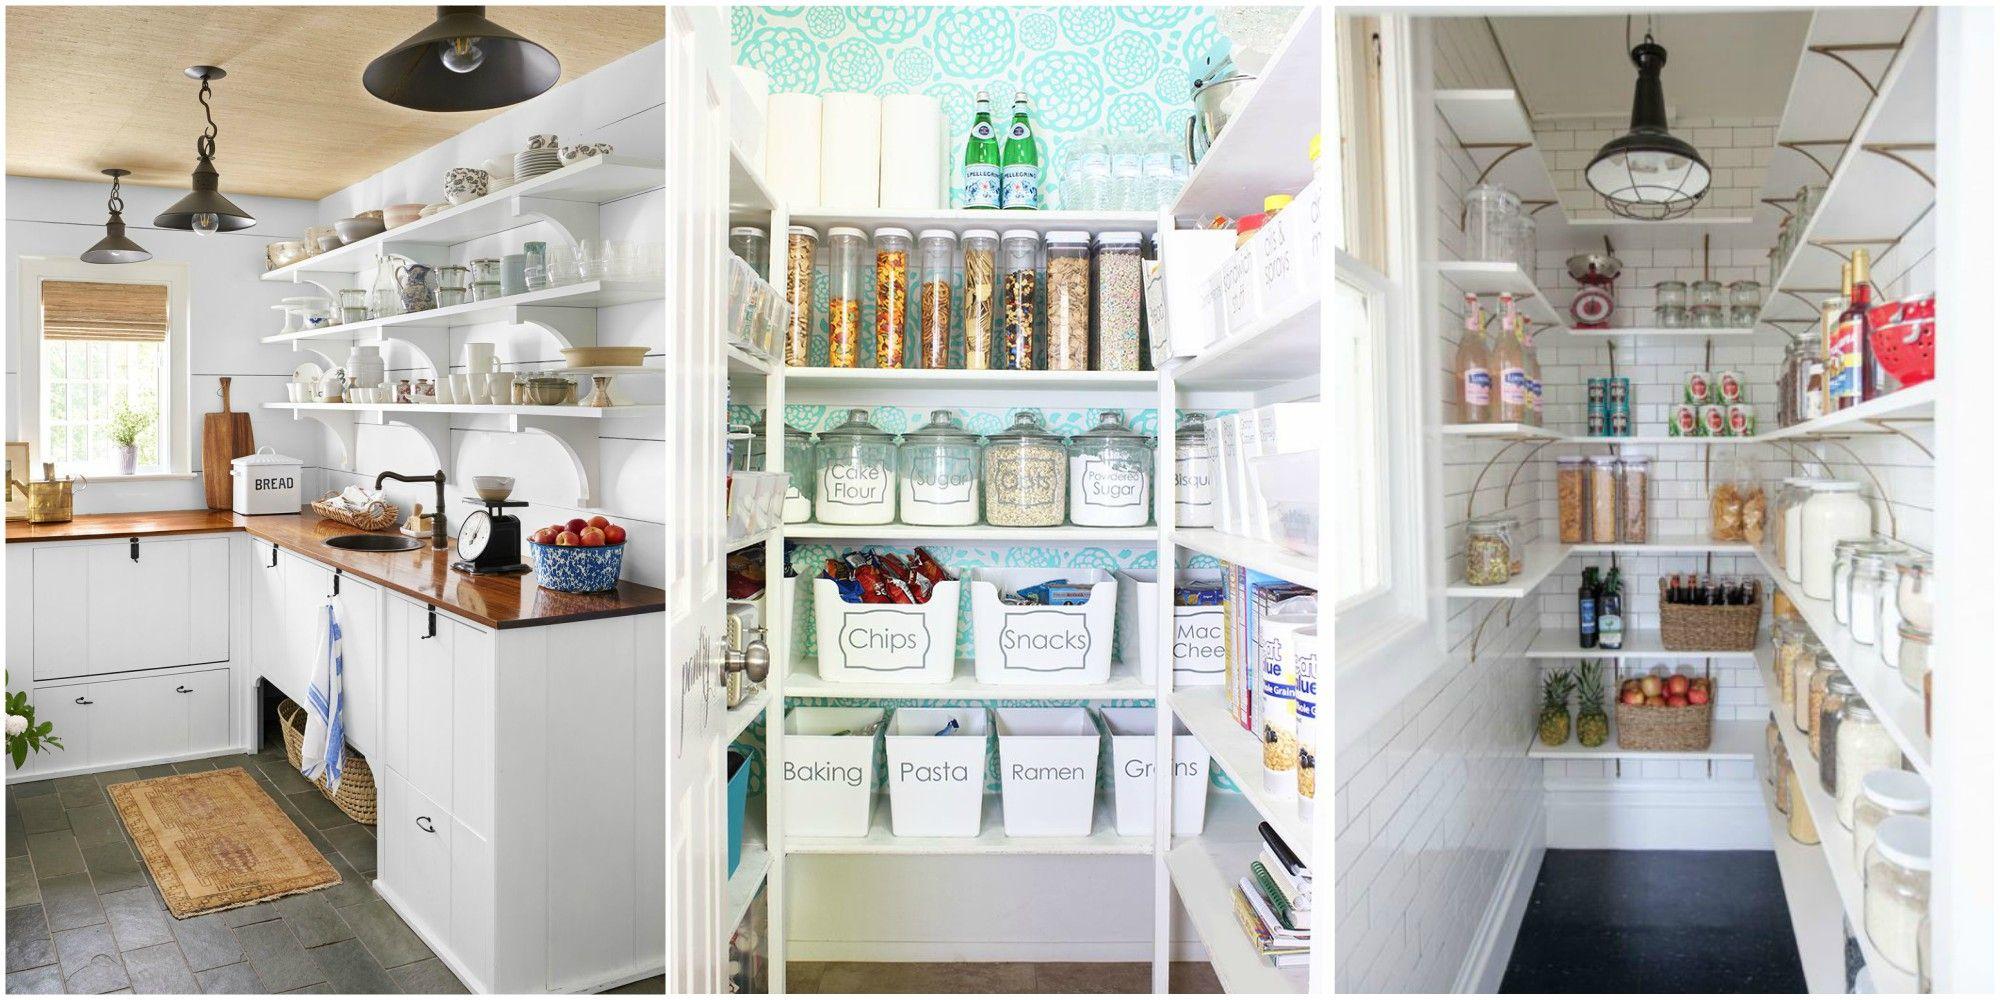 16 Unique Kitchen Storage Ideas: 16 Kitchen Pantry Organization Ideas